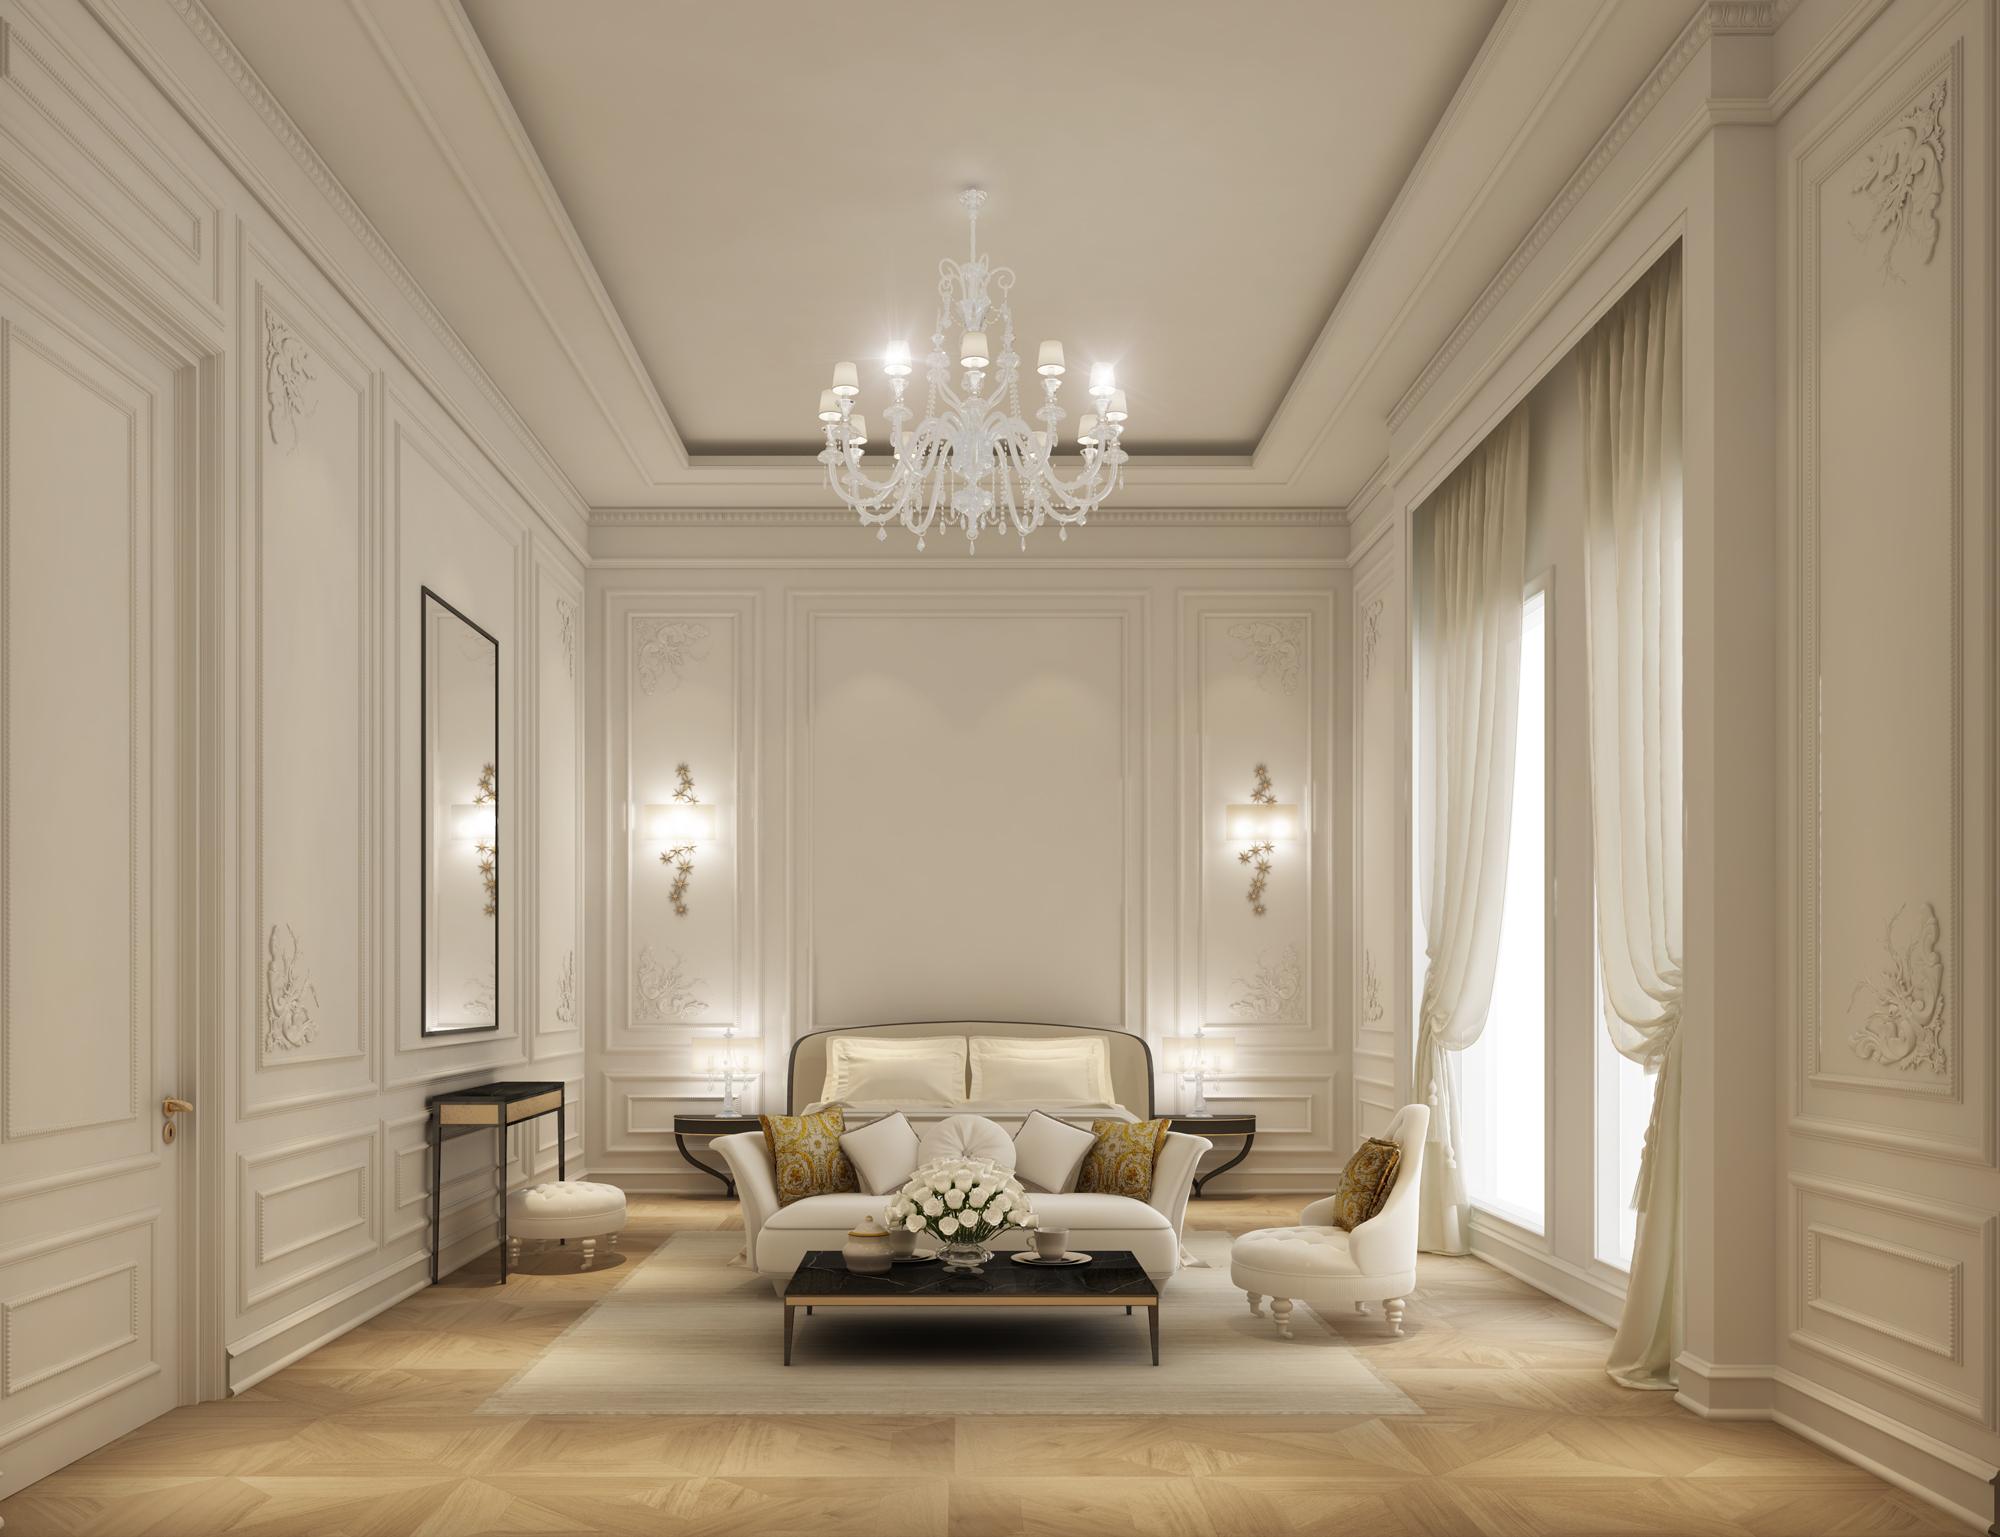 Cozy Bedroom for a Villa Design